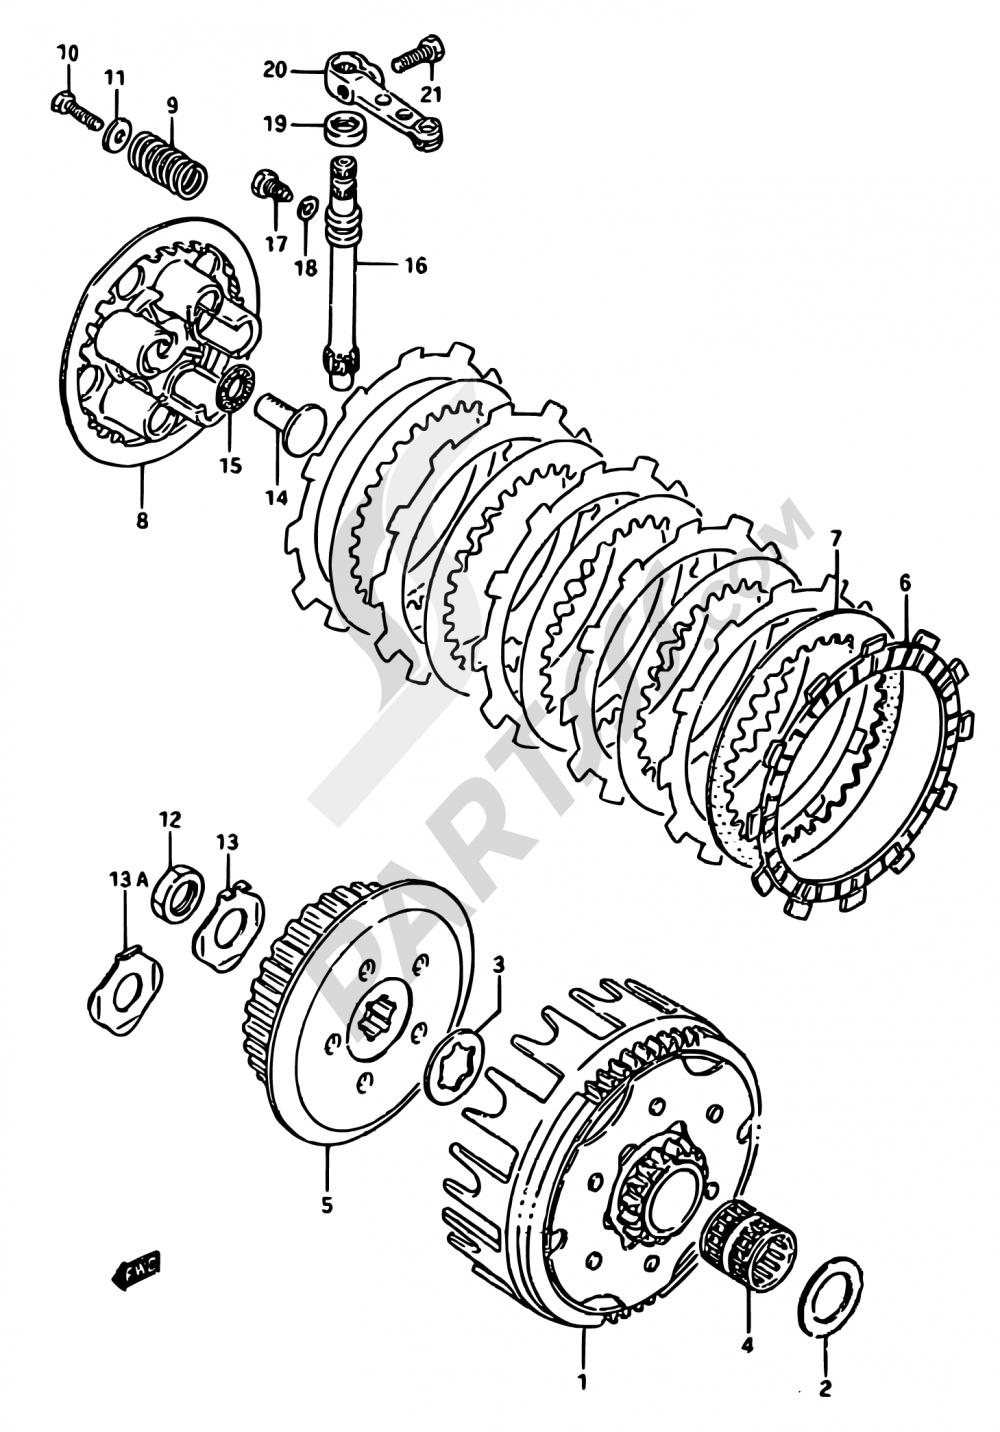 16 - CLUTCH Suzuki RM125 1988